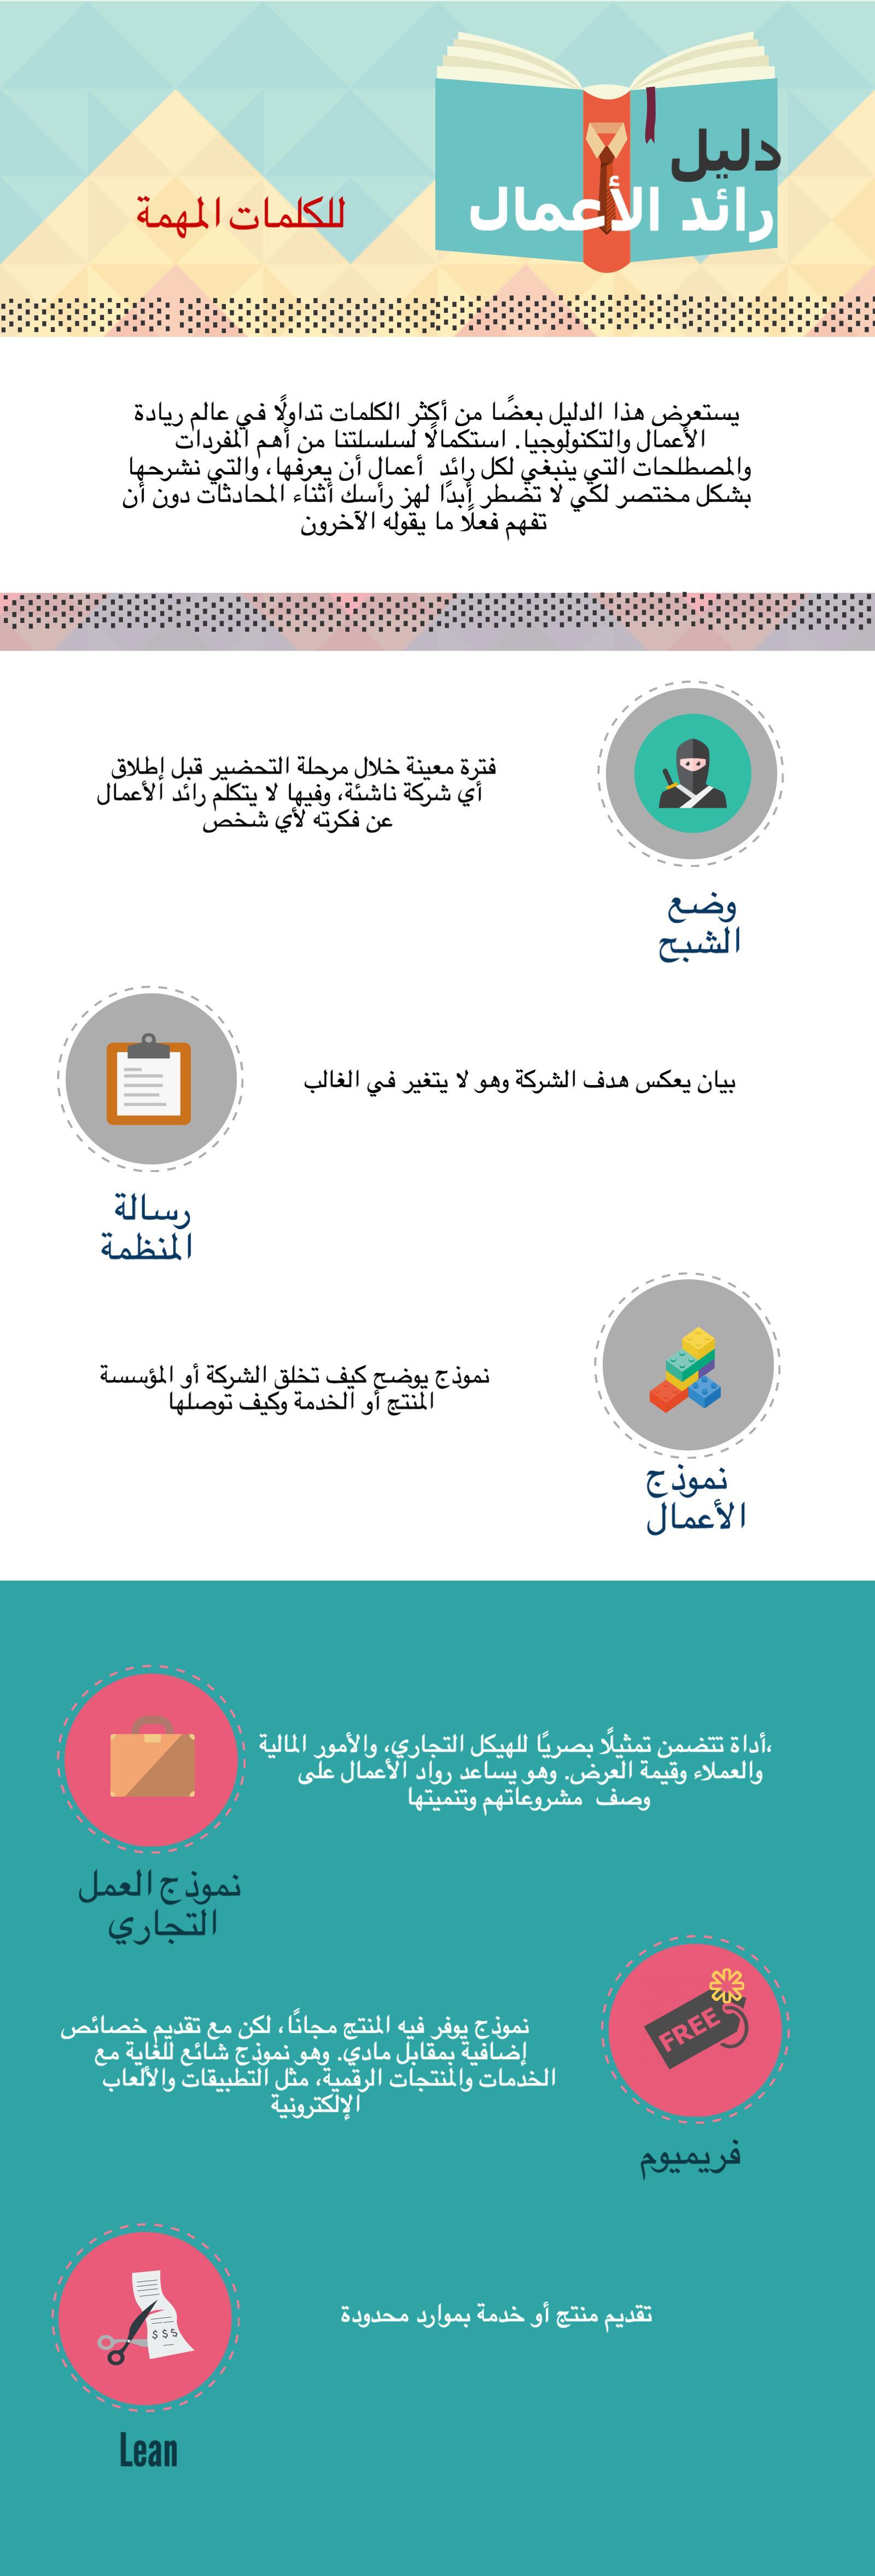 كلمات مهمة ينبغي لكل رائد أعمال أن يعرفها #6